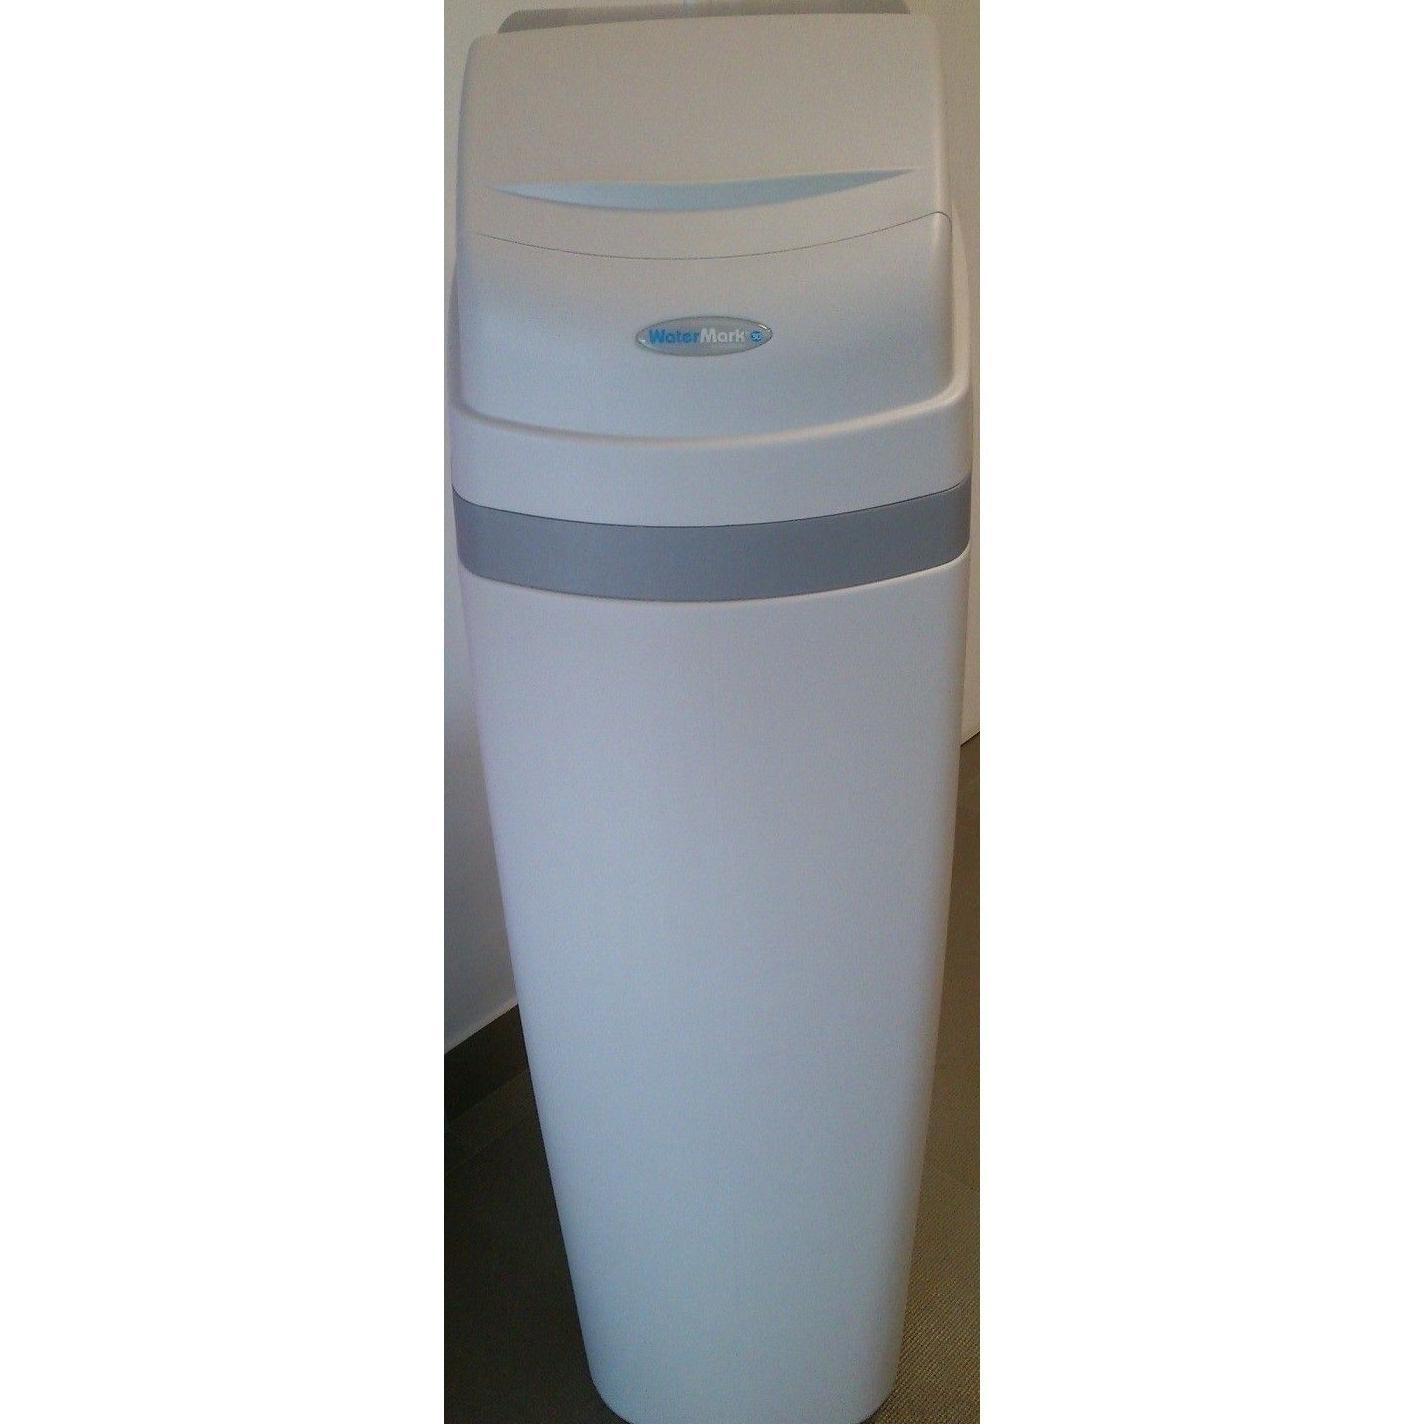 Descalcificador water mark cat logo de fontaner a garc a for Precio instalacion descalcificador